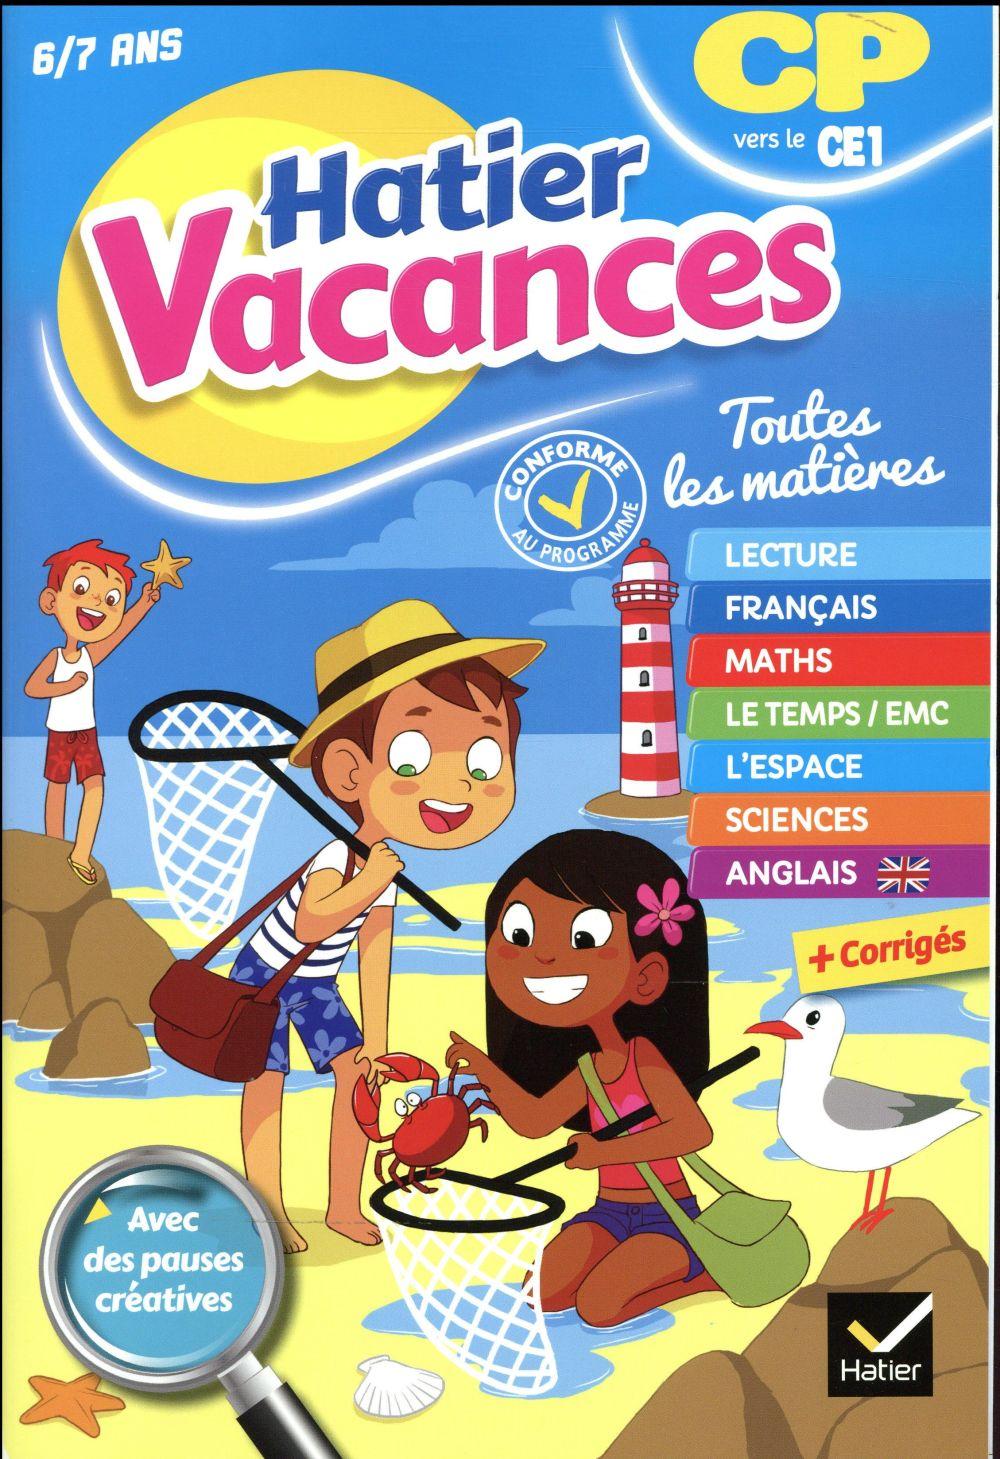 Roynard Marie-Paule - CAHIER DE VACANCES DU CP VERS LE CE1- 2019